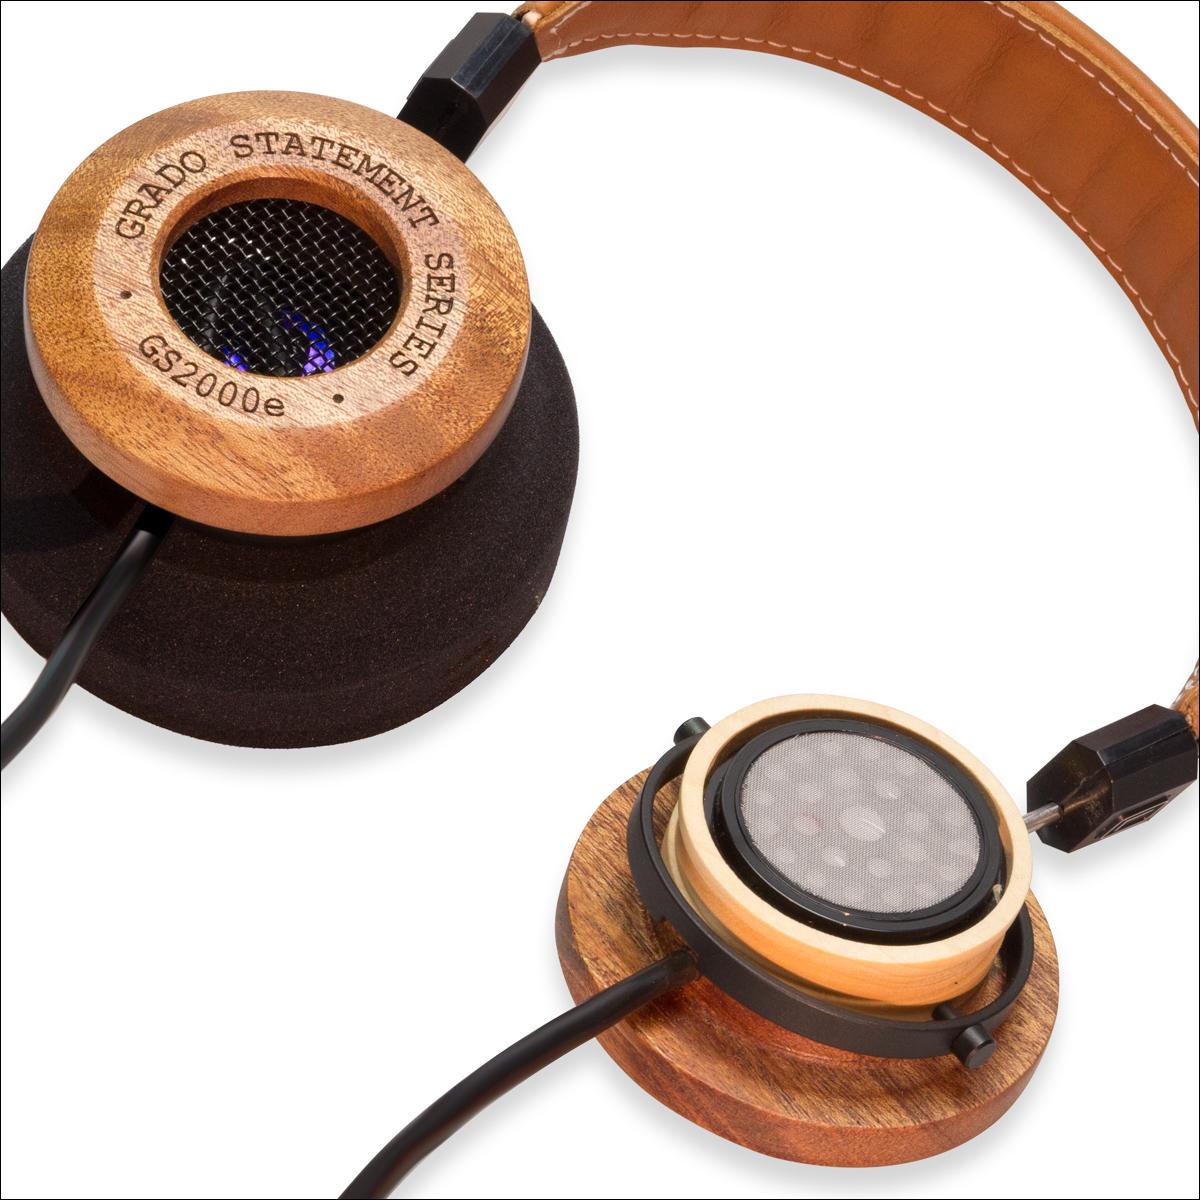 Grado GS2000e (New Flagship errmahgerd) | Super Best Audio